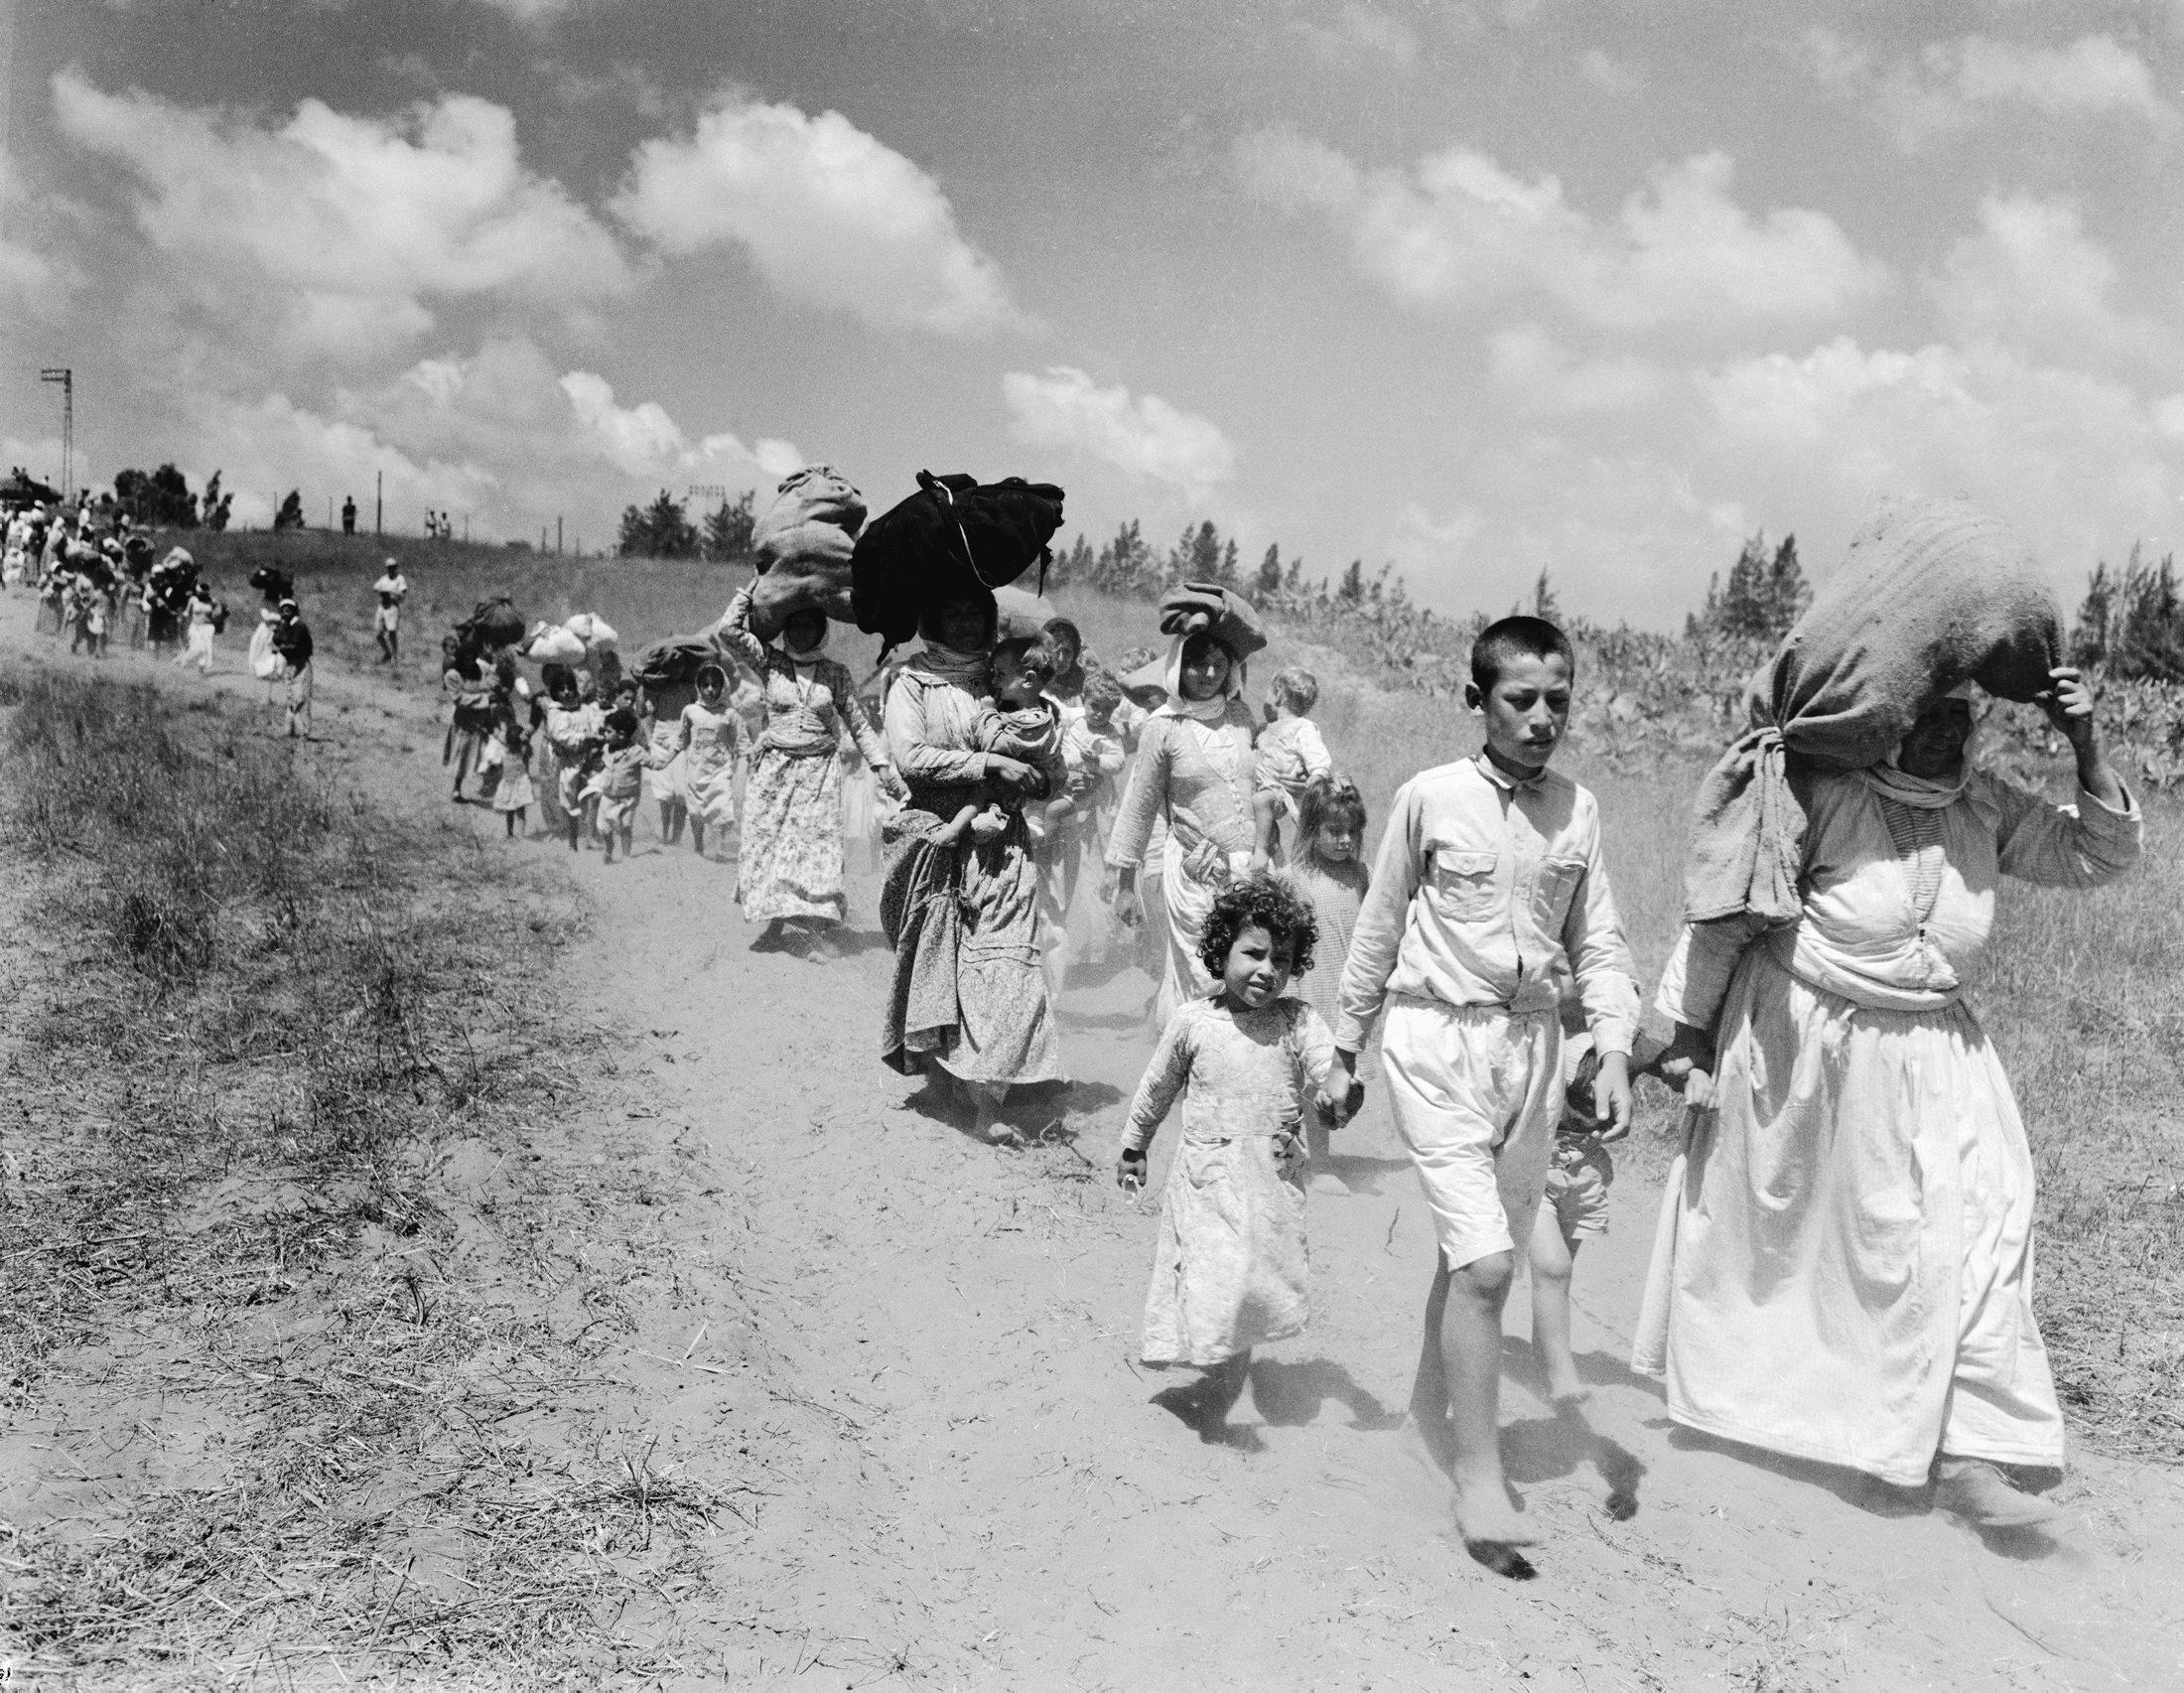 גירוש מכוון? שיירת פליטים פלסטינים ב-1948